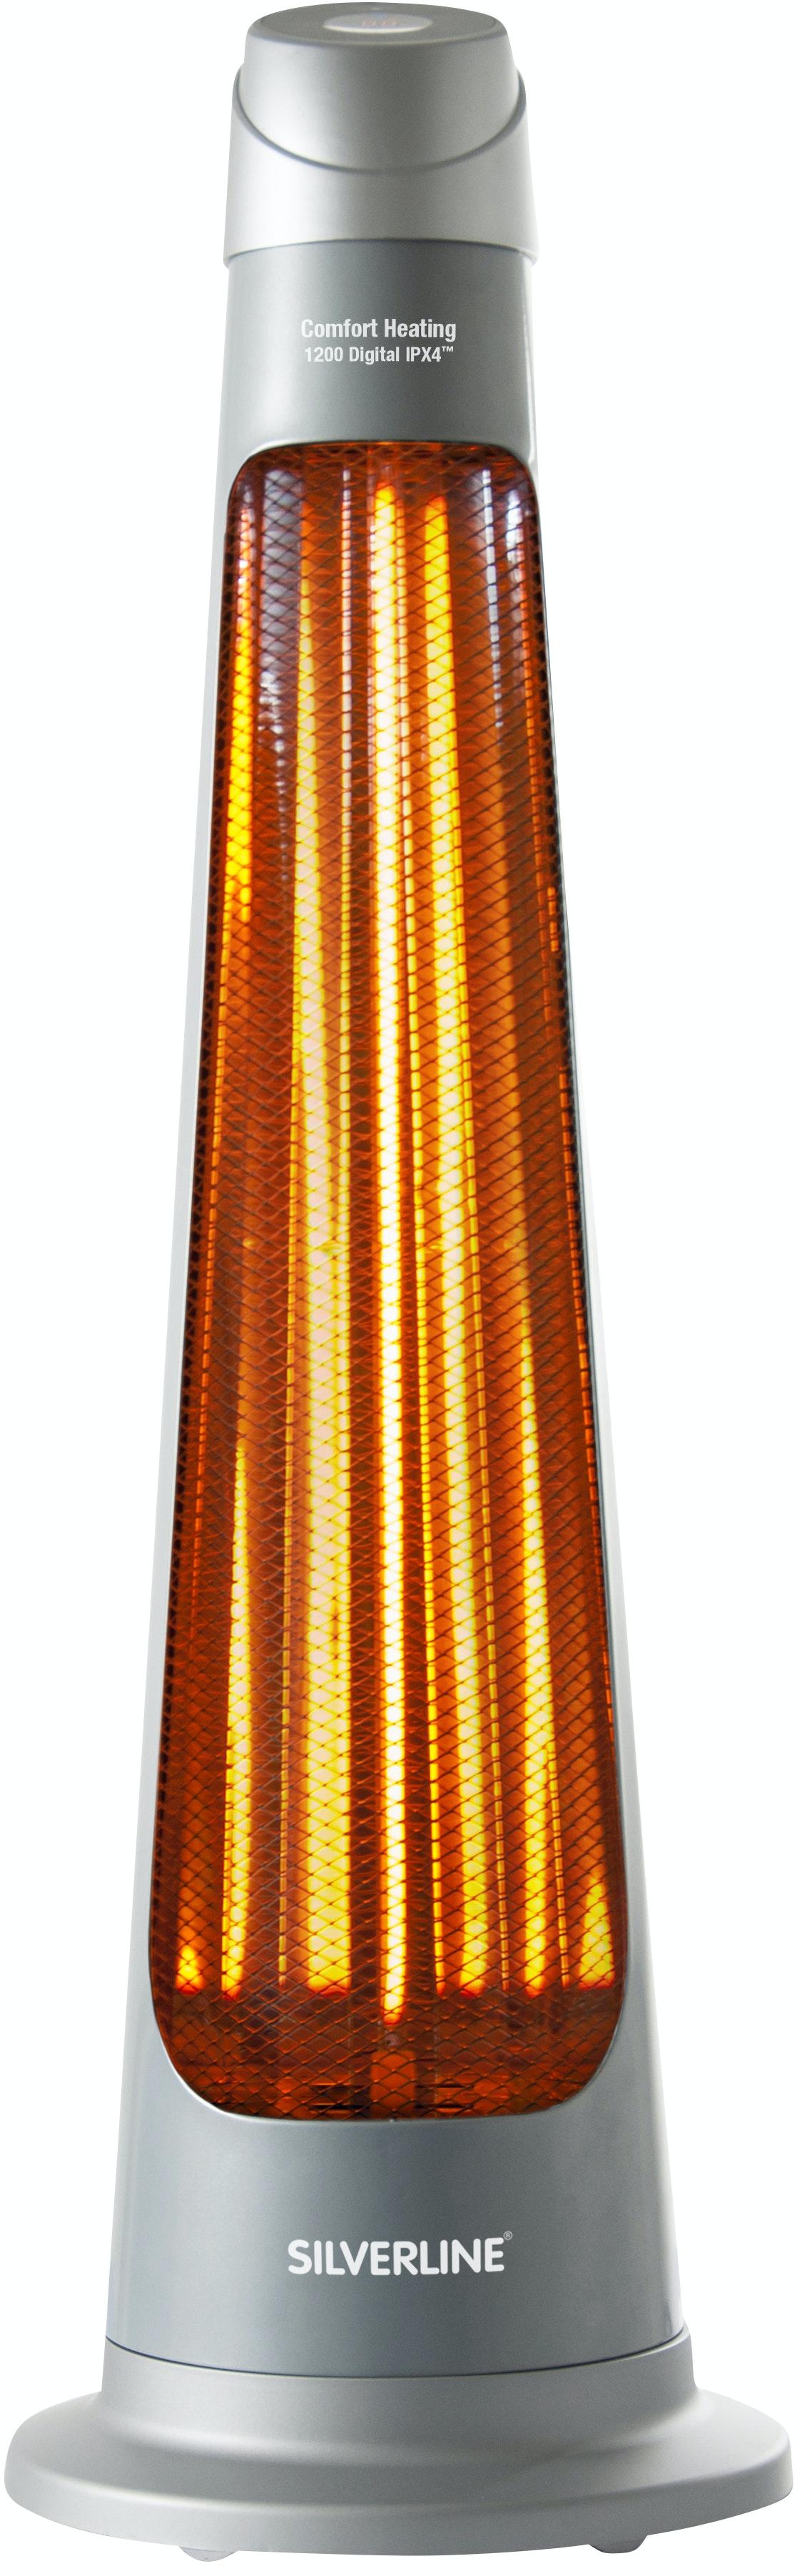 Terrassvärmare Silverline 1200 Digital IPX4 Silver 14 m²